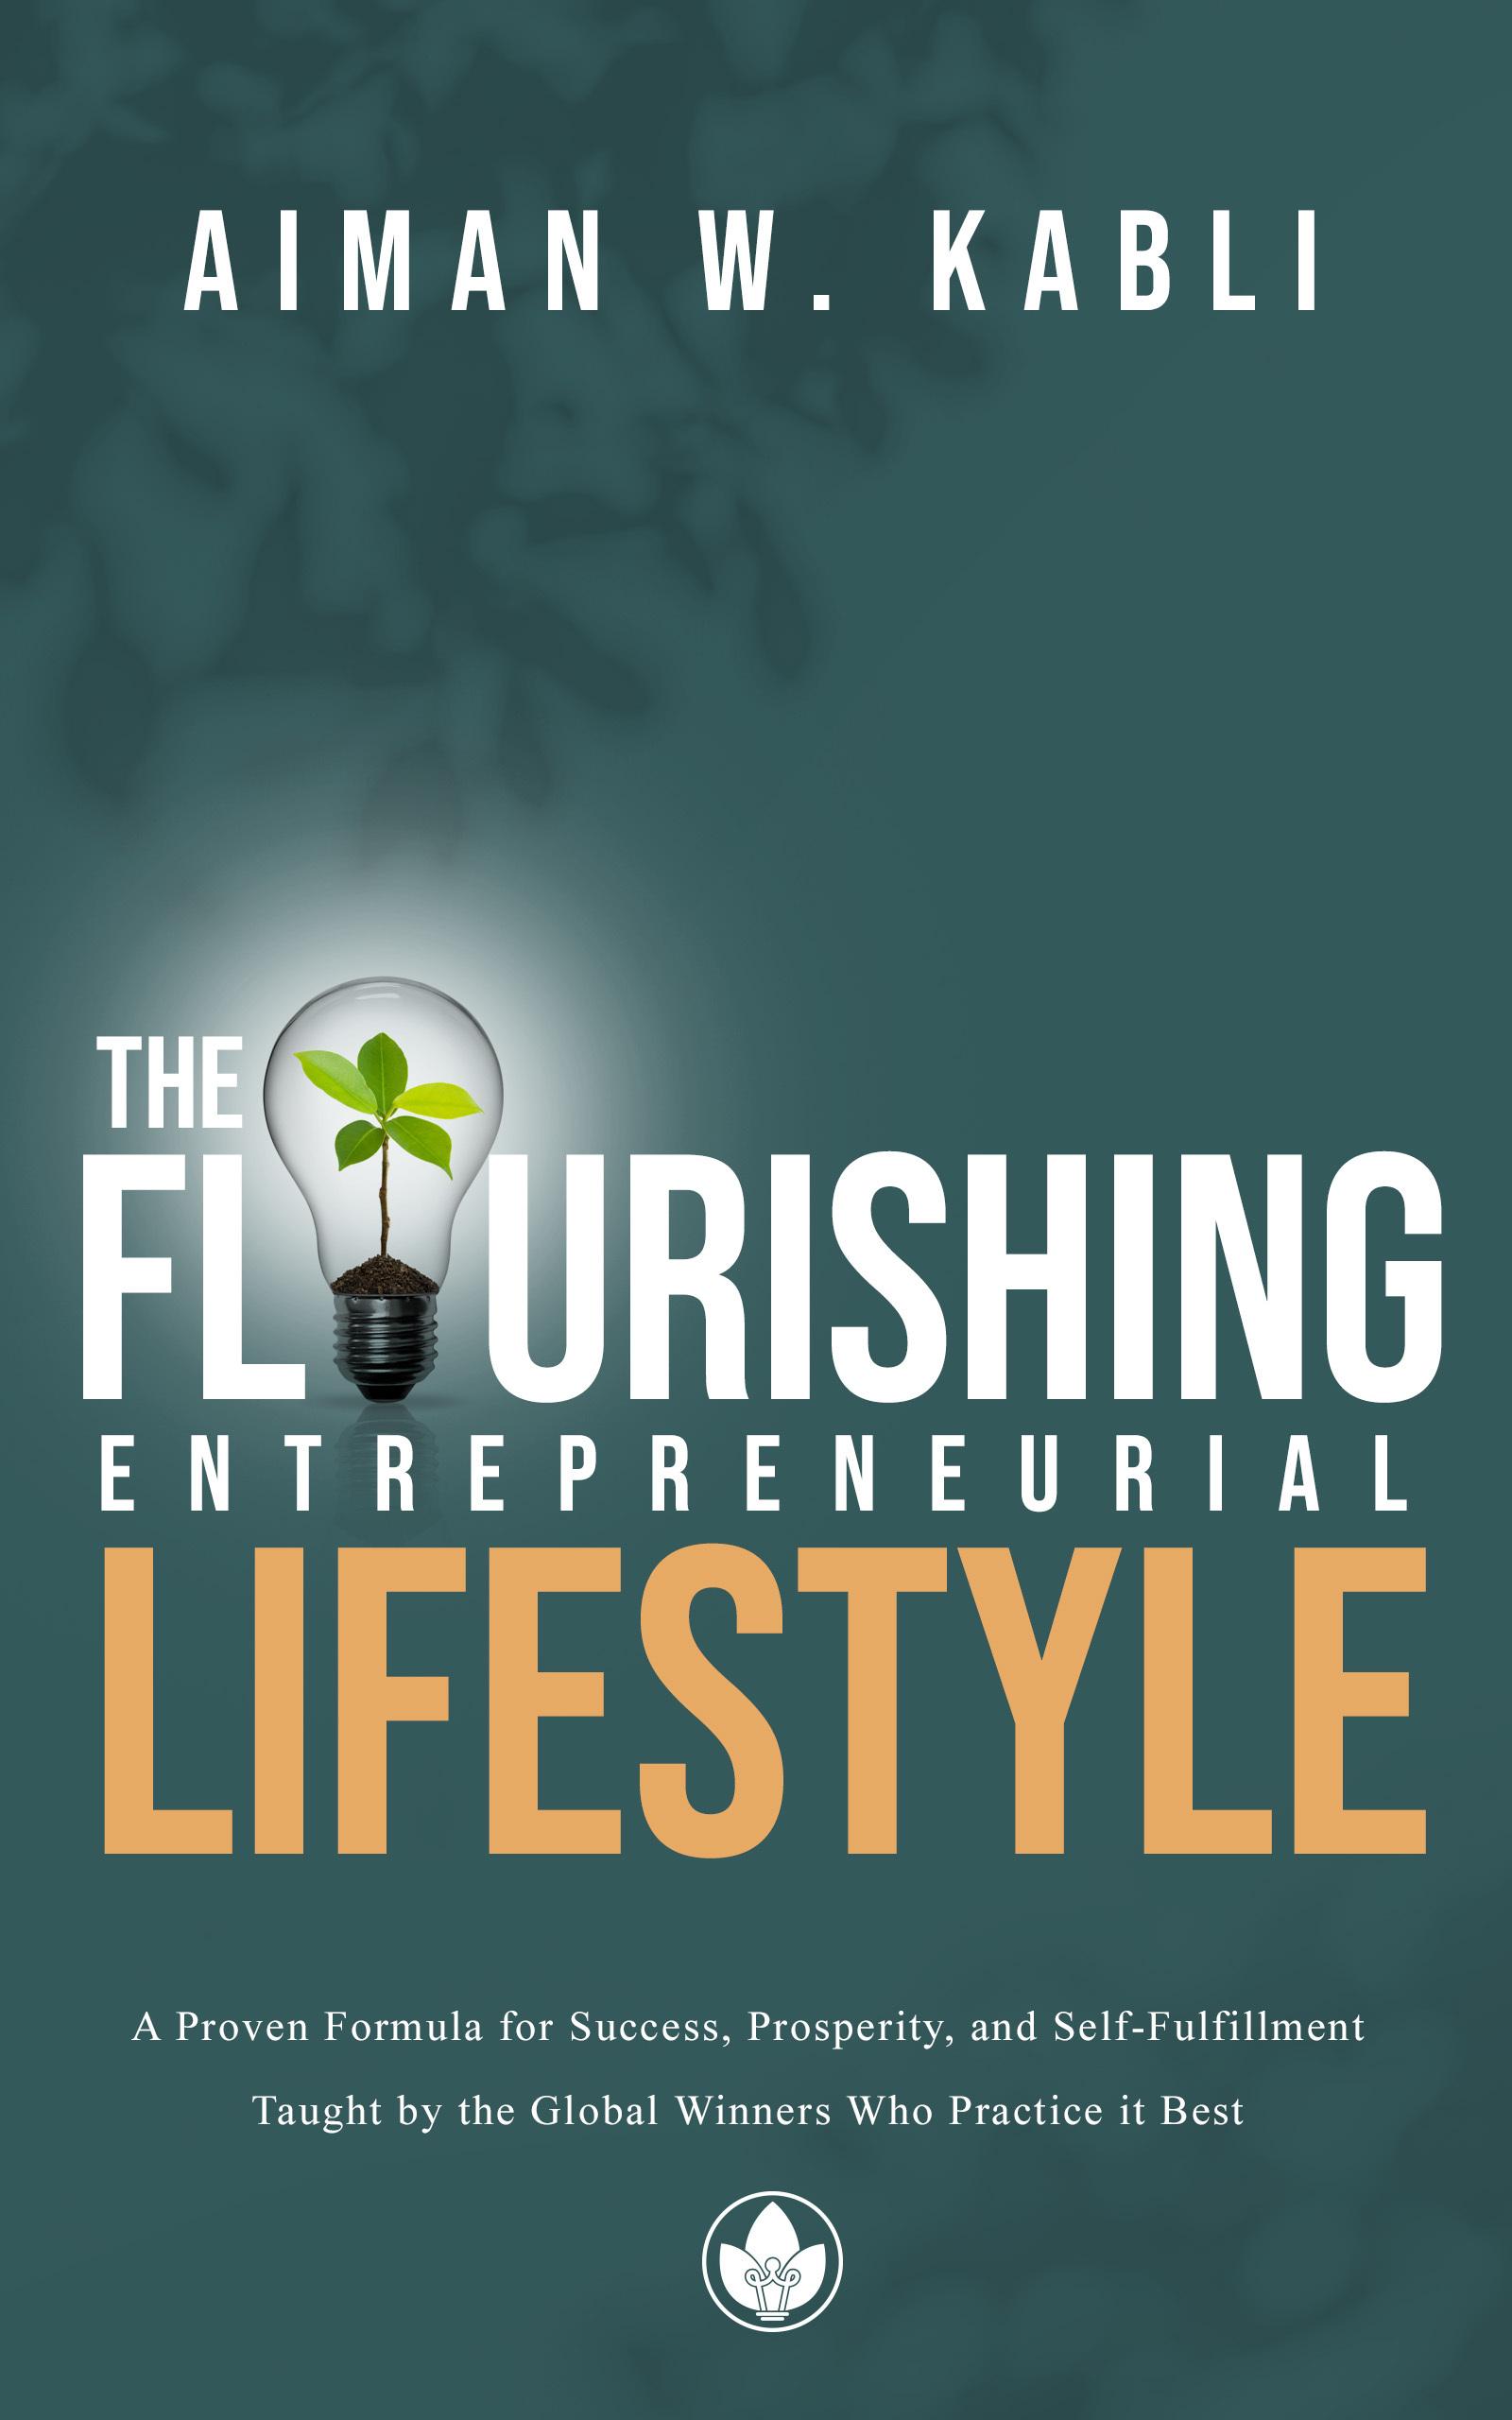 The Flourishing Entrepreneurial Lifestyle 1A2